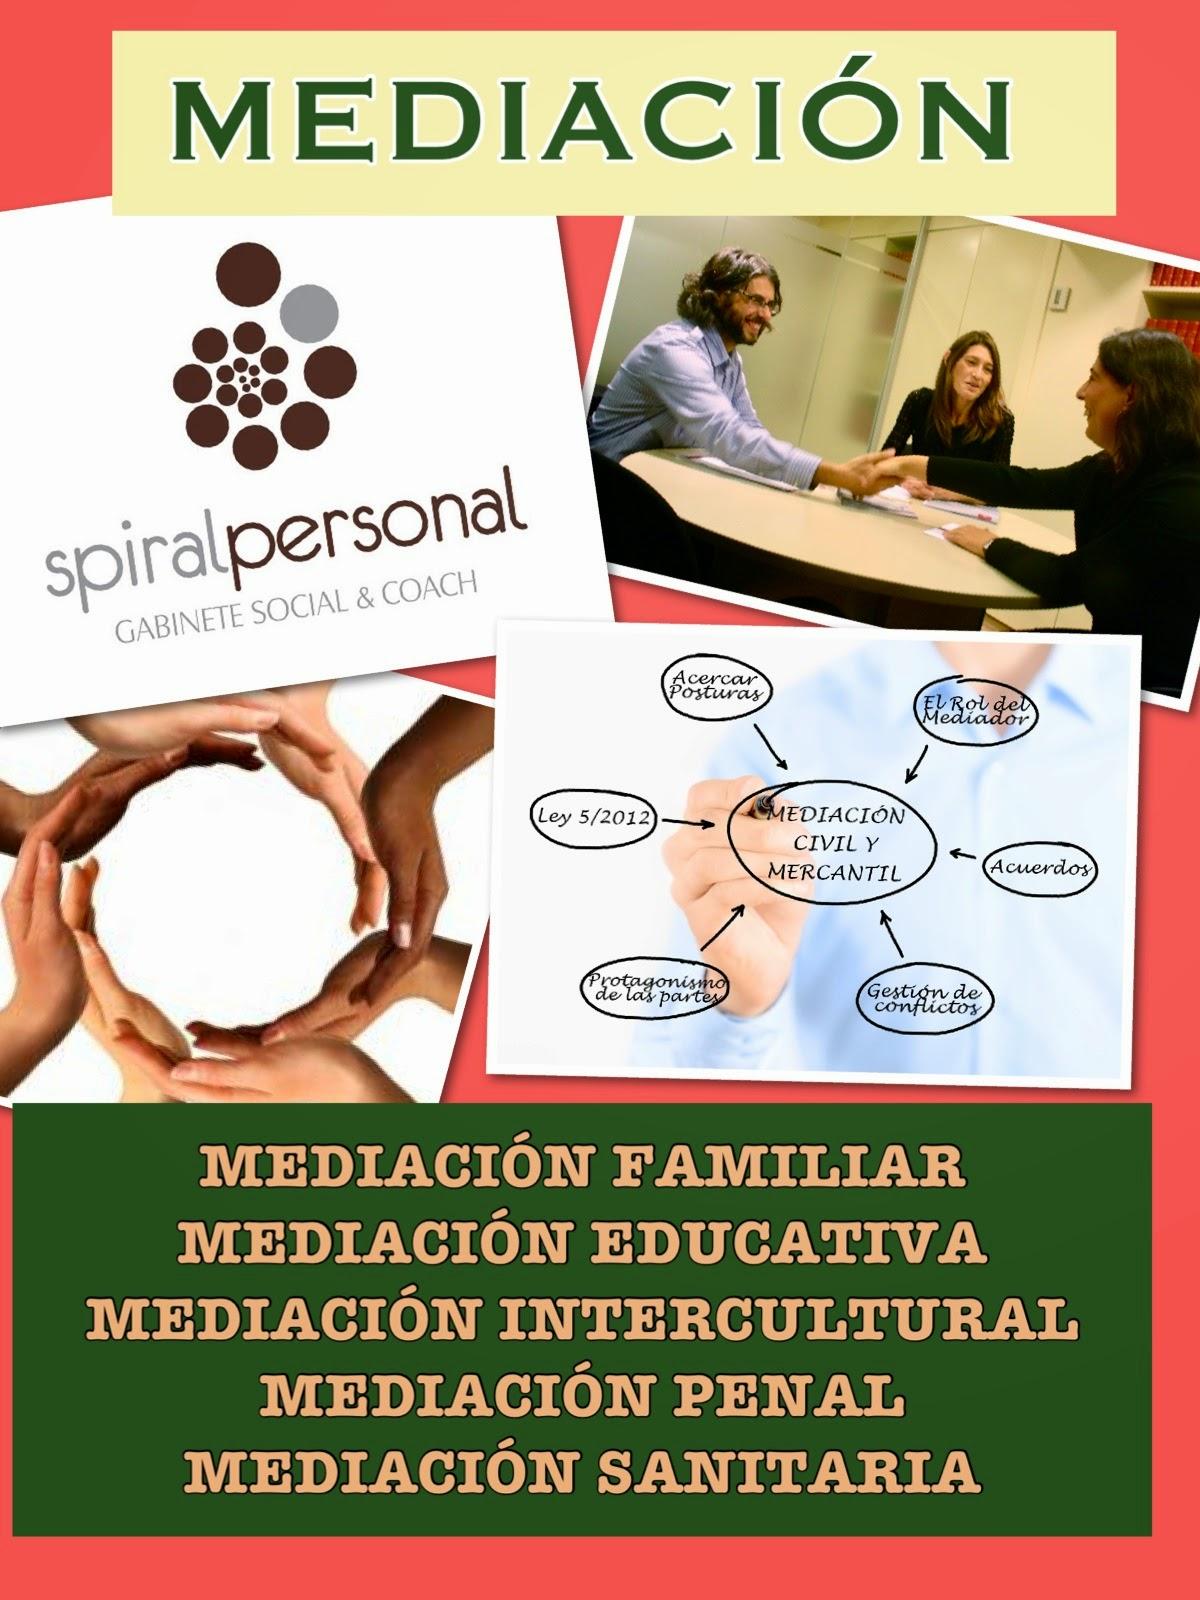 Spiral Personal. Gabinete Social & Coach celebra el Día Europeo de la Mediación